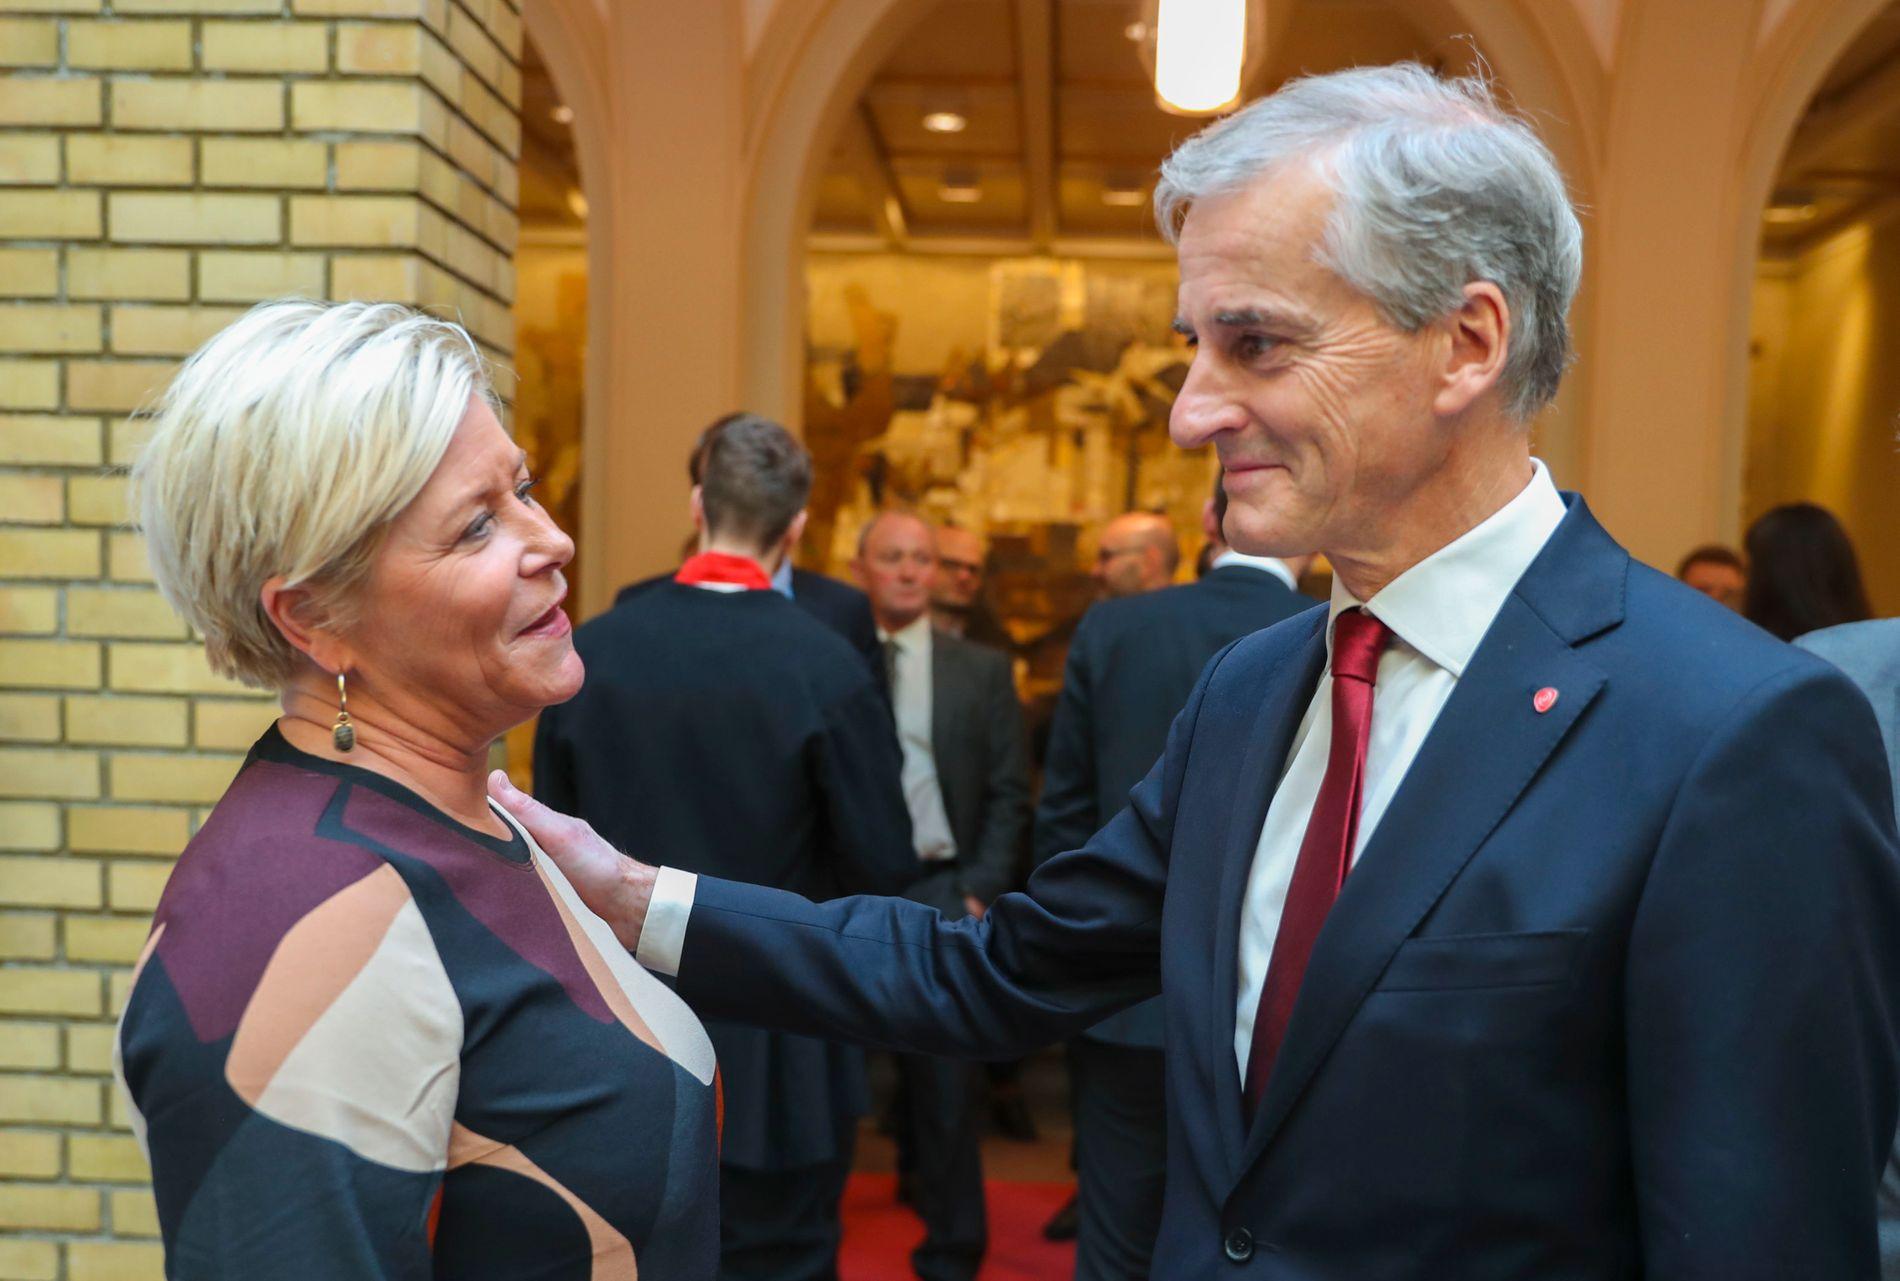 TO ULIKE: Partilederne Siv Jensen (Frp) og Jonas Gahr Støre (Ap) er intense motstandere, men partiene beveger seg stadig over i hverandres territorier.